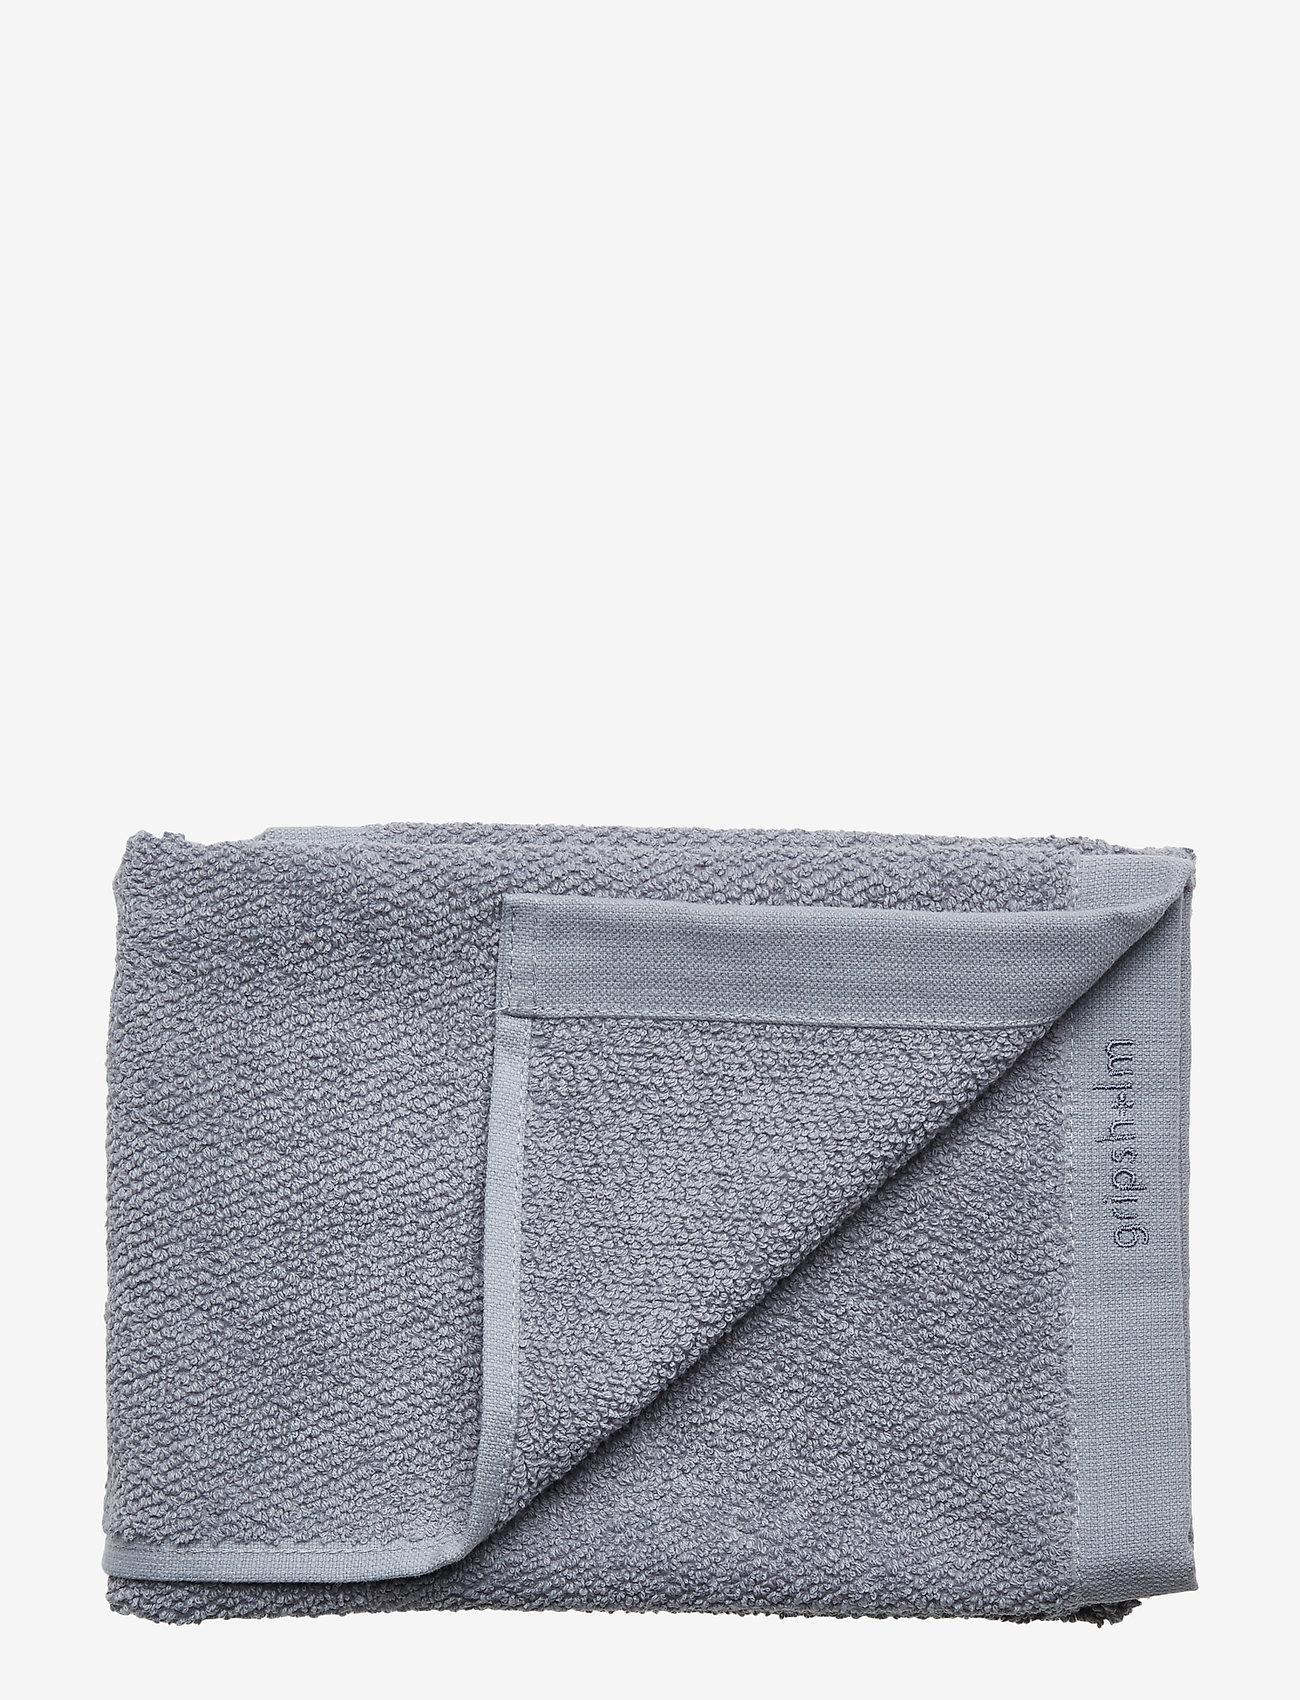 Gripsholm - TOWEL COTTON LINEN - towels - blue winds - 0